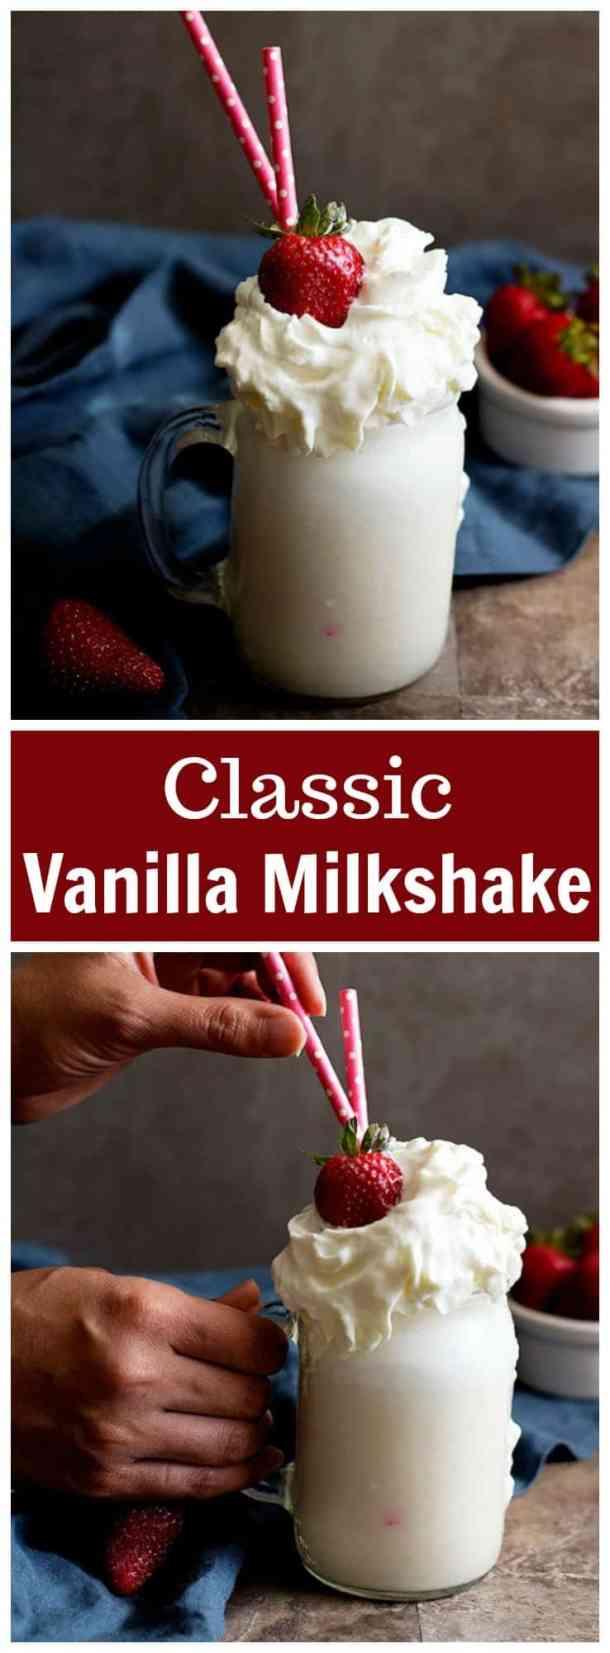 Classic vanilla milkshake | vanilla milkshake | milkshake | milkshake recipe | easy milkshake | summer drinks | summer recipes | #milkshake #vanillamilkshake #milkshakerecipe